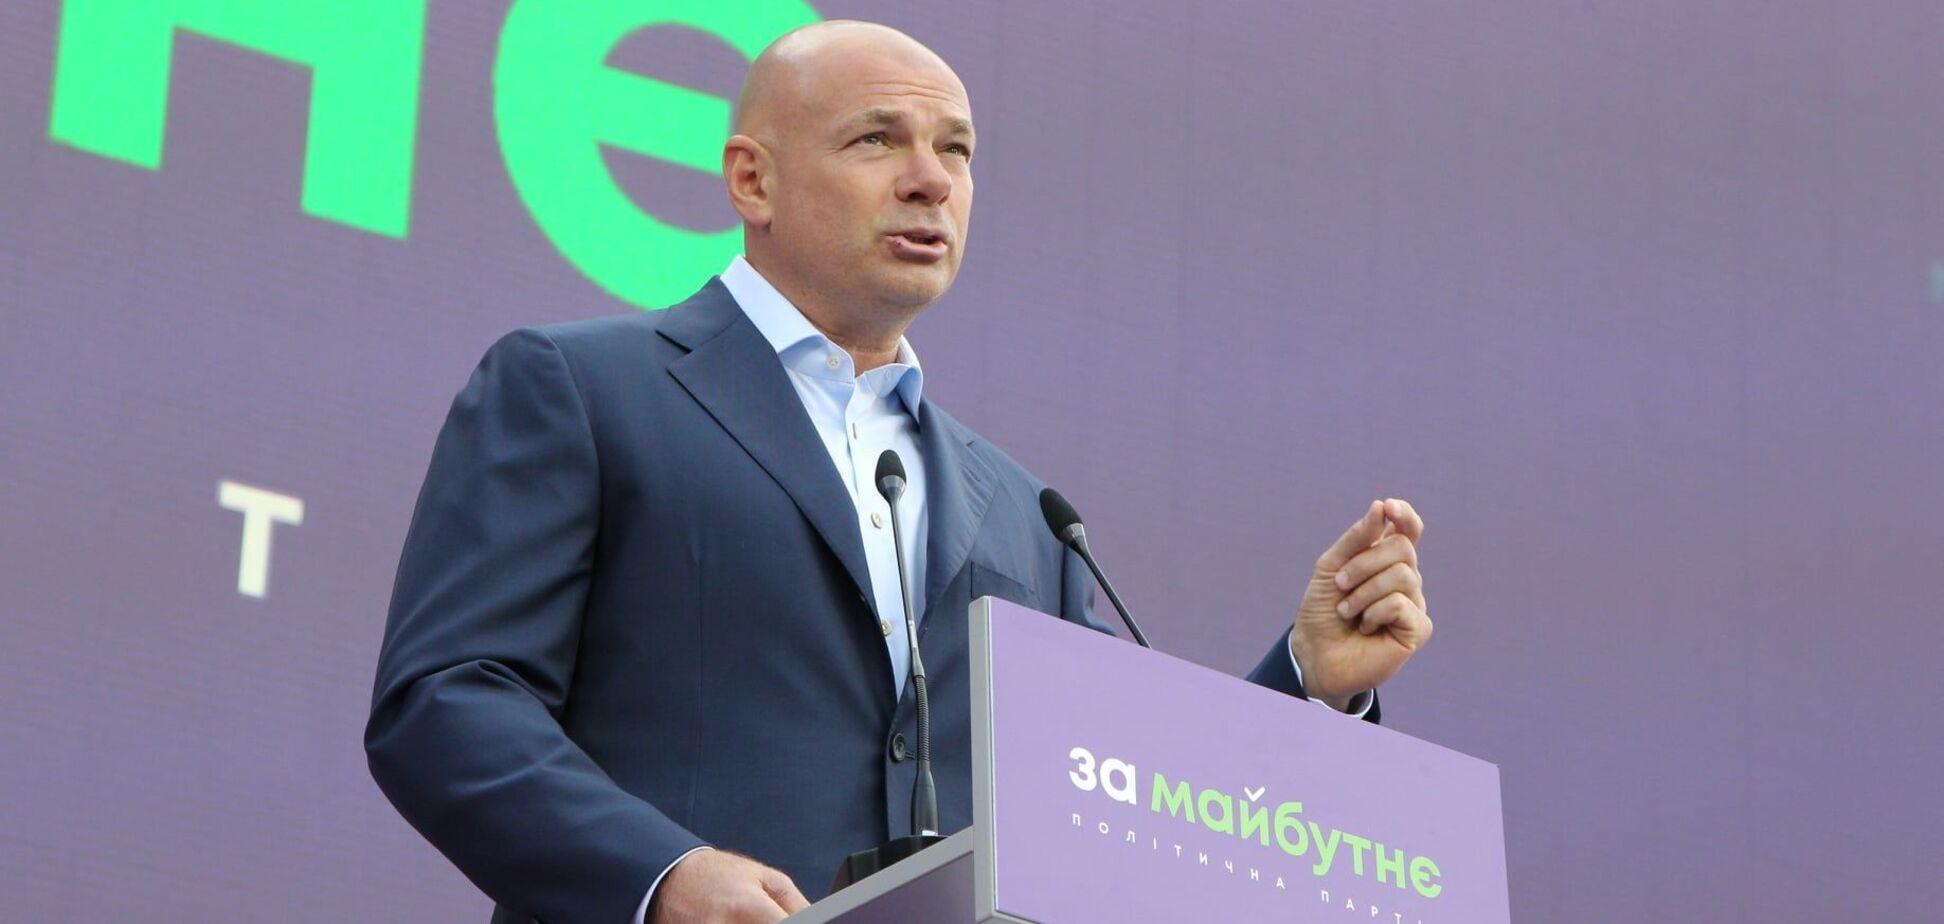 Лидер партии 'ЗА МАЙБУТНЄ' Игорь Палица